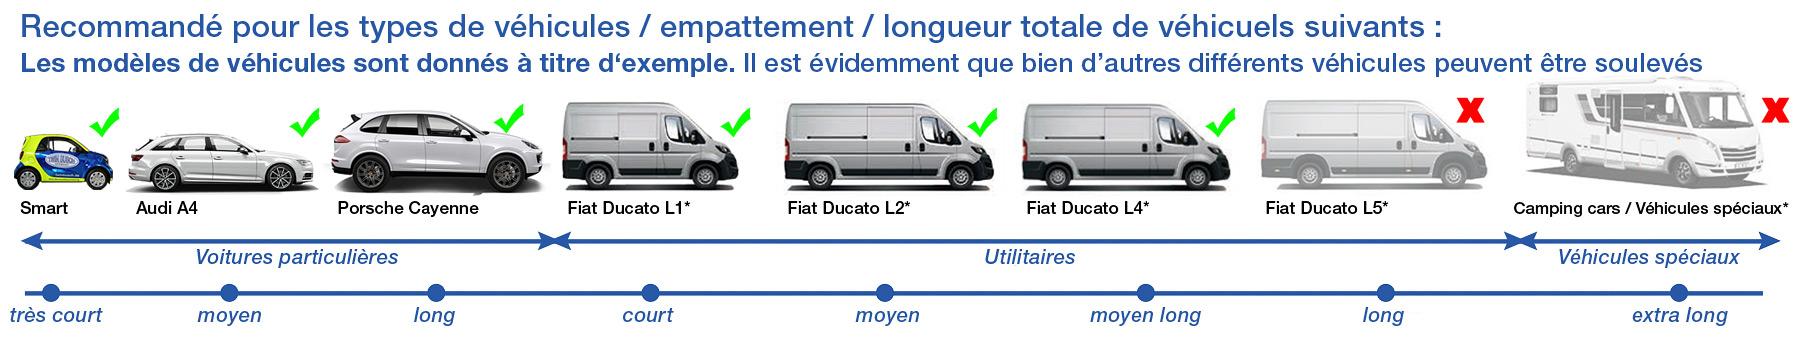 Type de véhicules / Empattement